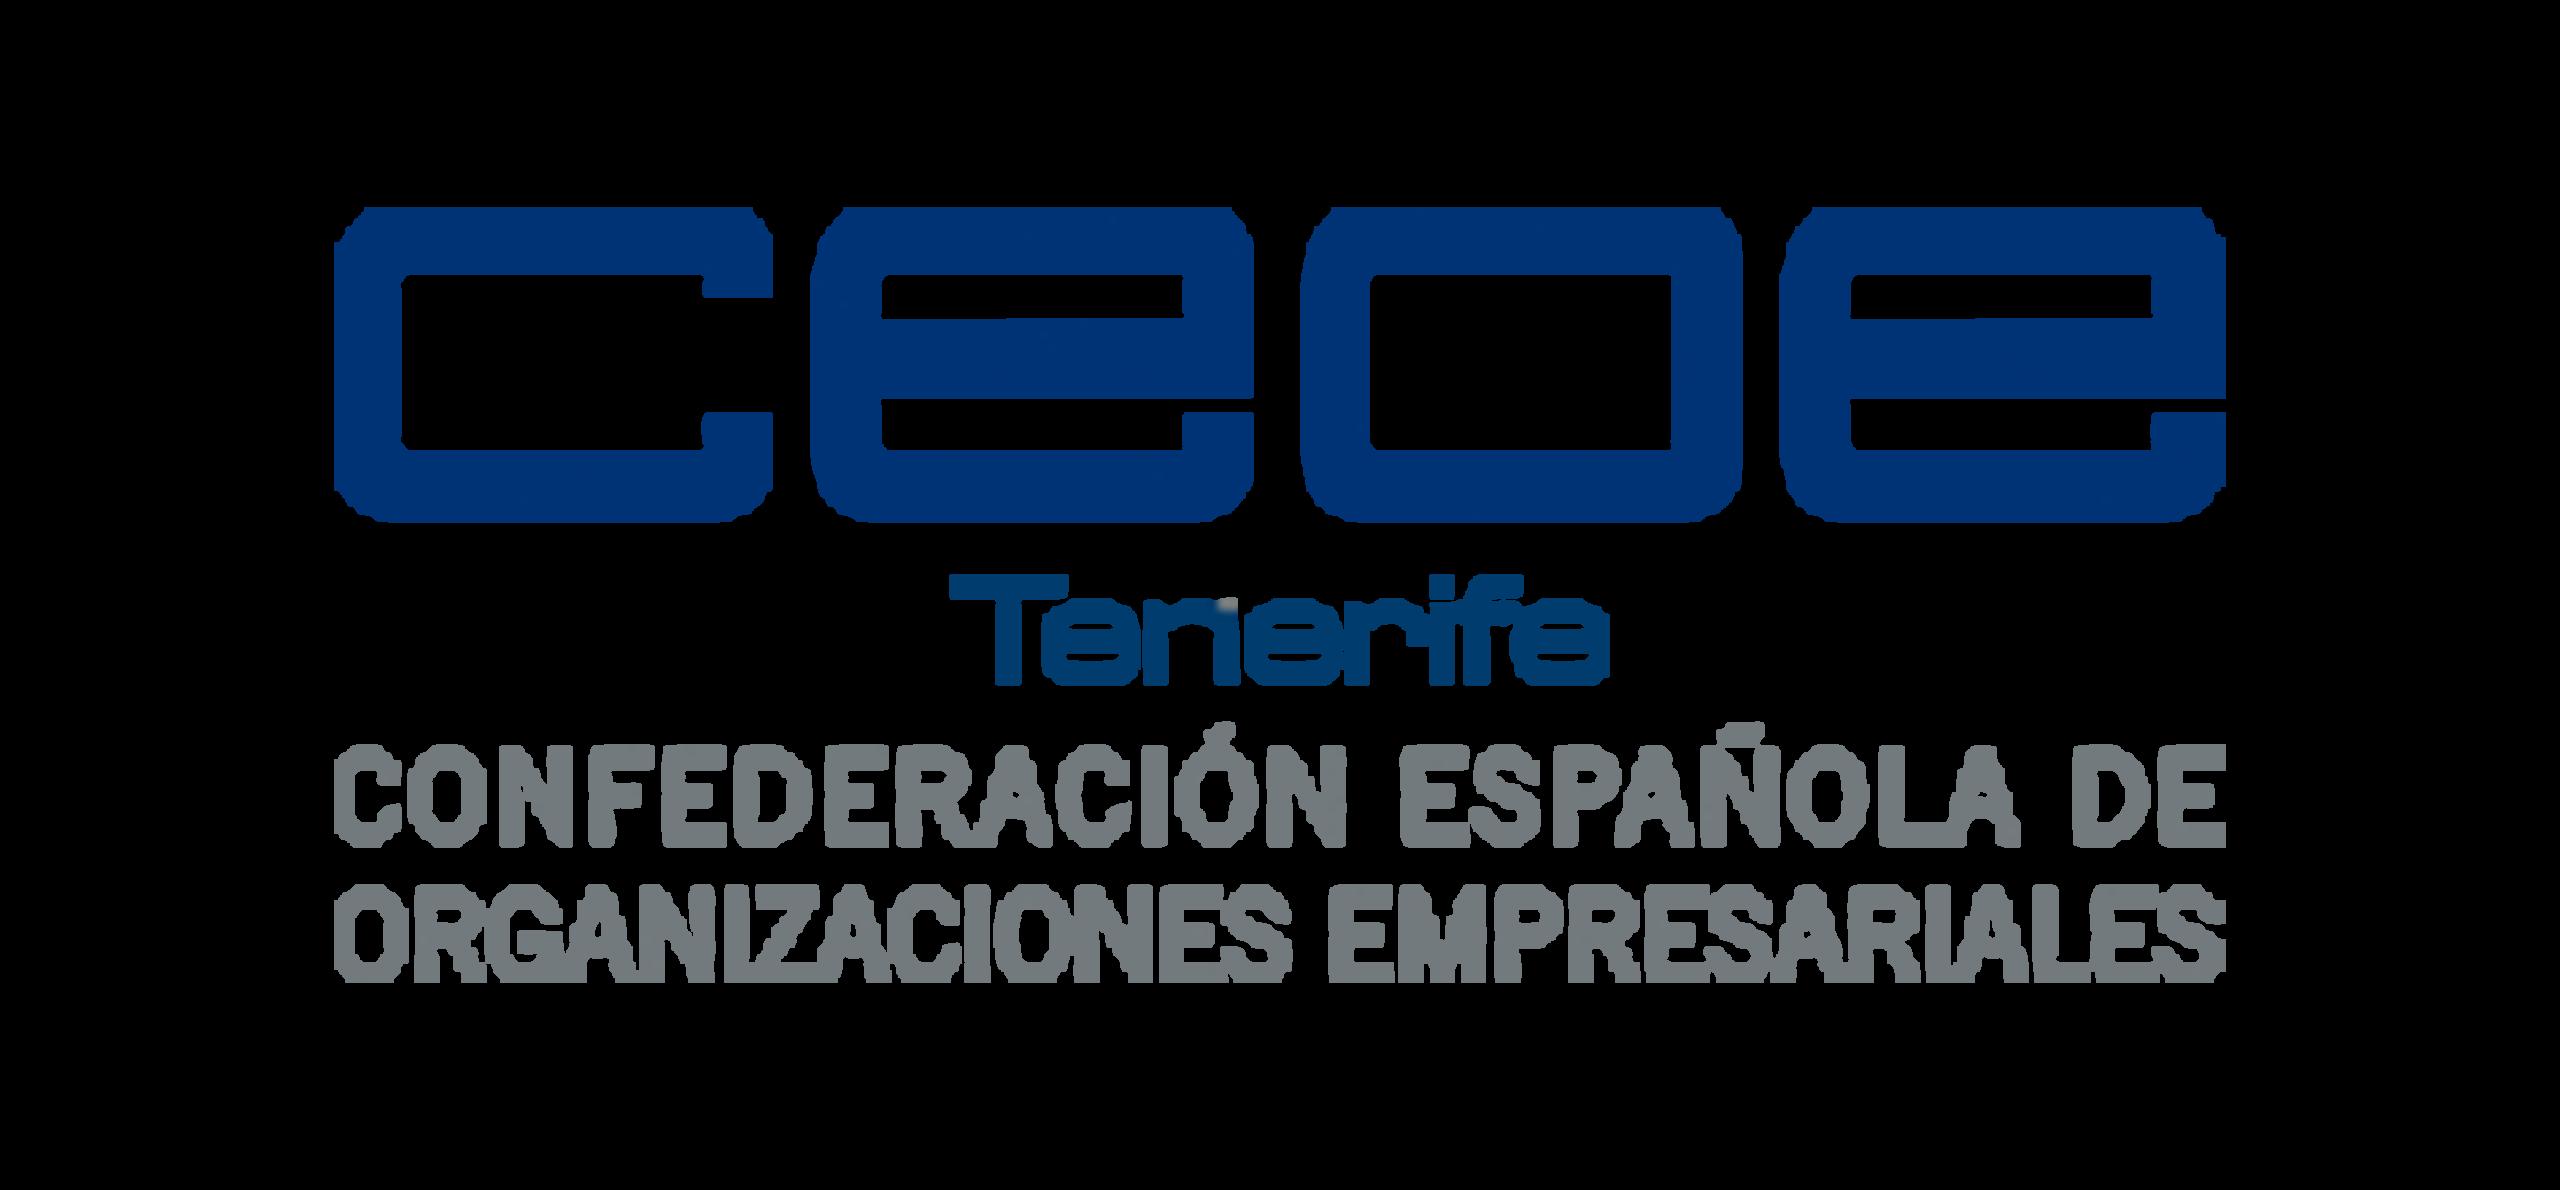 Logo de la Confederación Española de Organizaciones Empresariales